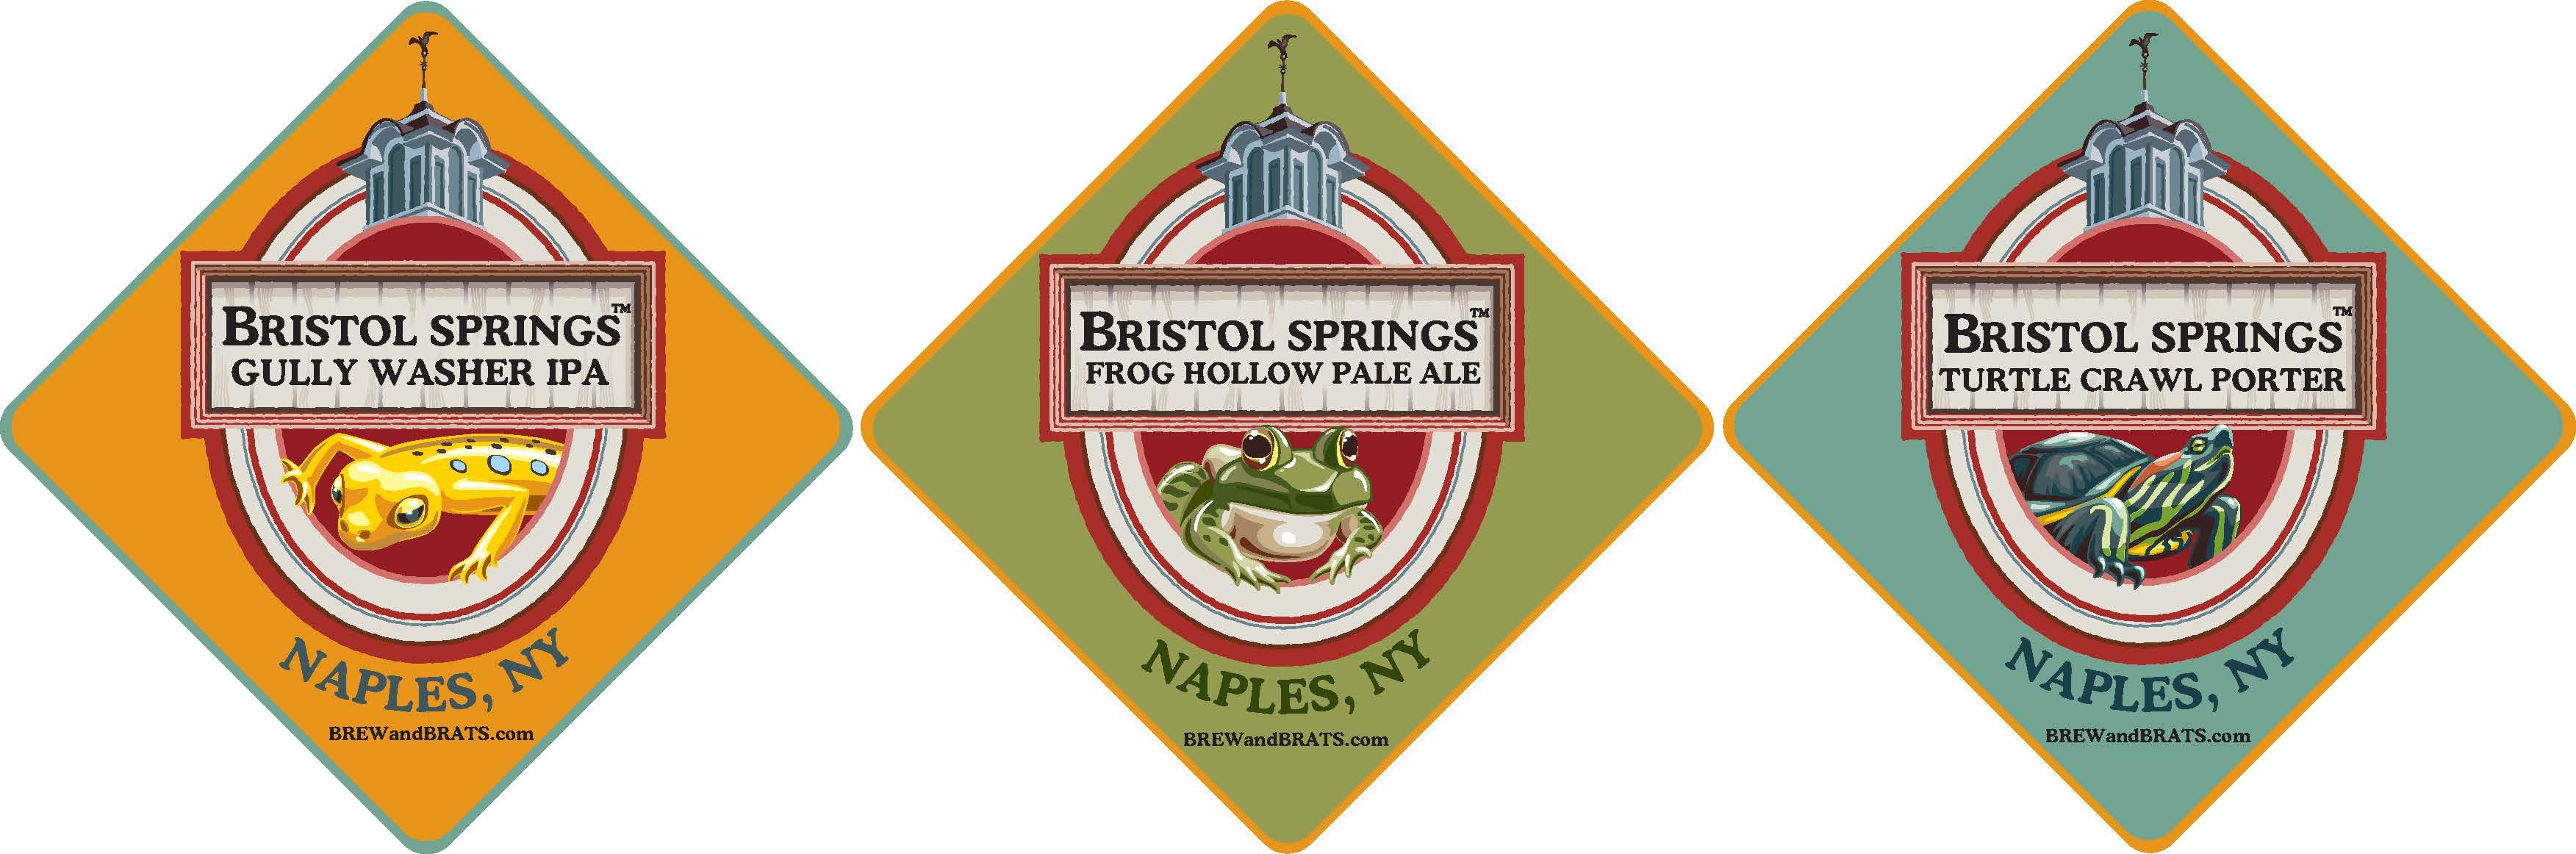 BristolSpringsBeerLabels9-15